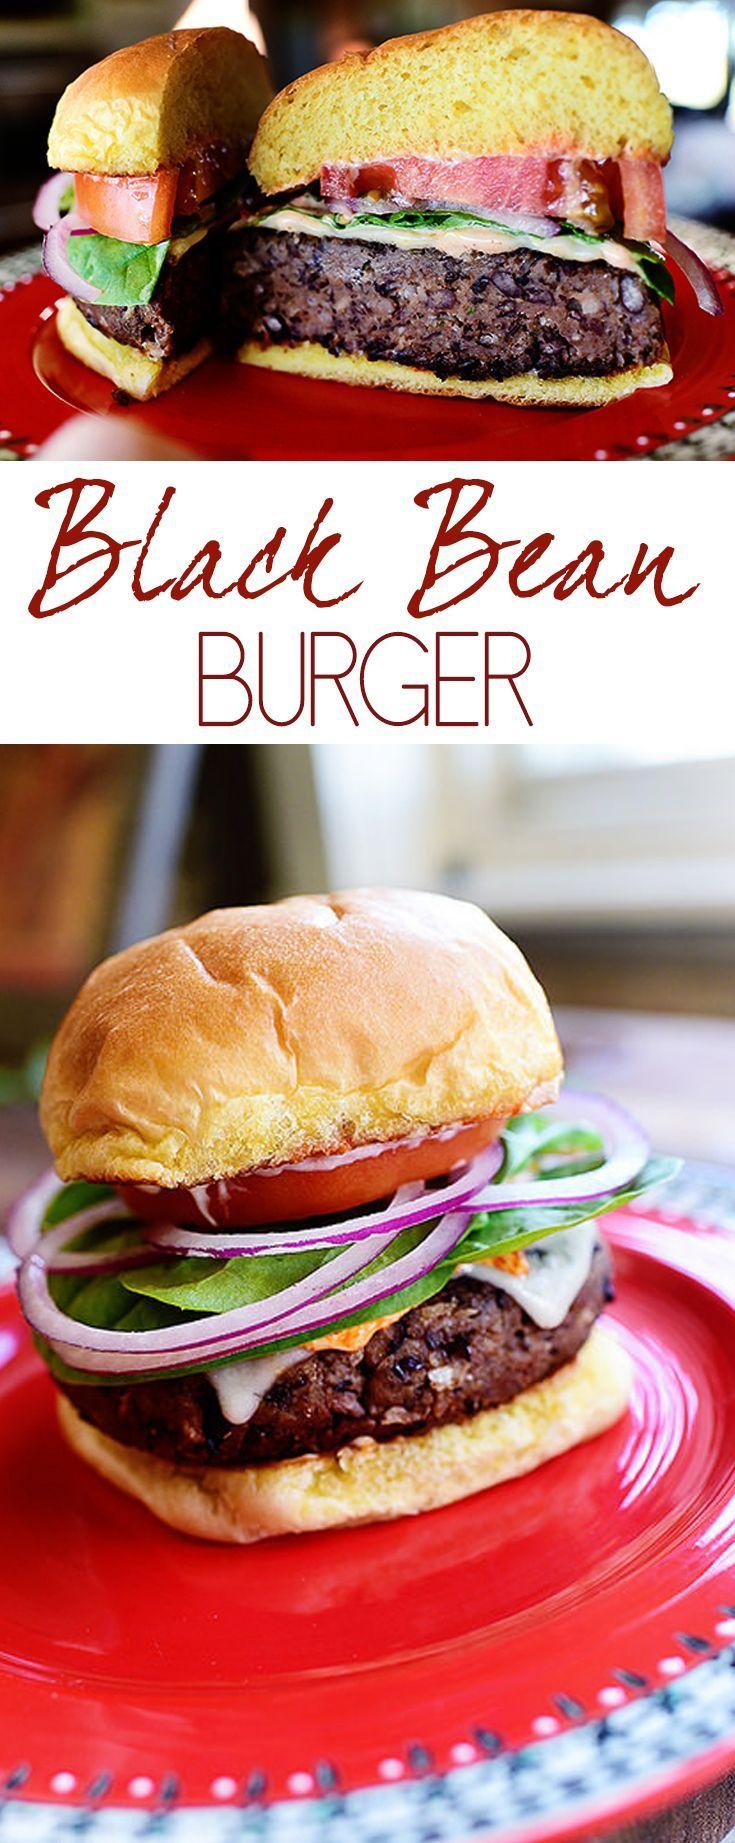 Black Bean Burger Recipe | Grilling & BBQ | Summer Cookout | healthy recipe ideas @xhealthyrecipex |